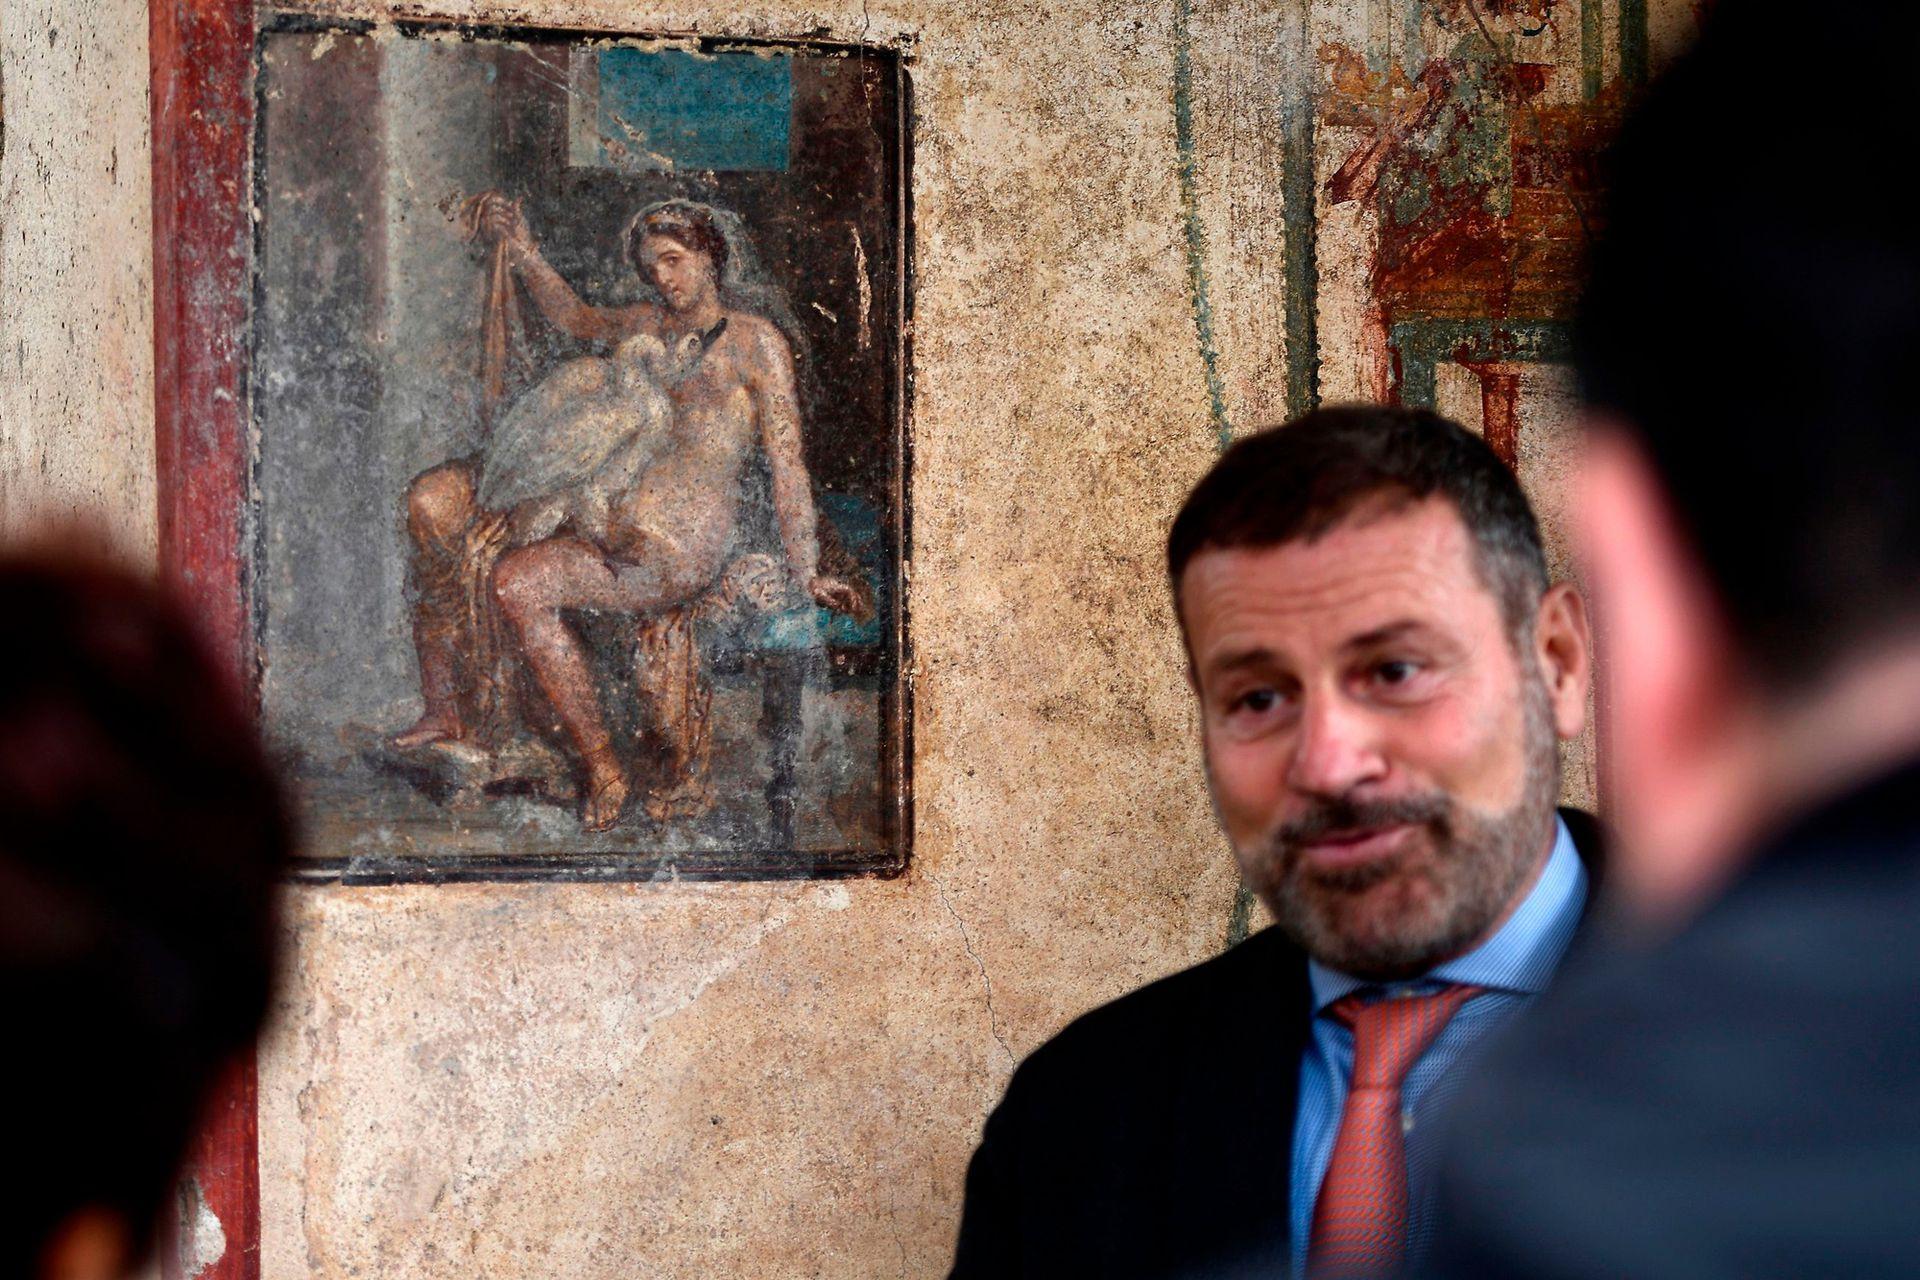 Un fresco que representa a la princesa mitológica griega Leda y un cisne, en una antigua habitación de Pompeya, fue descubierto en noviembre de 2018